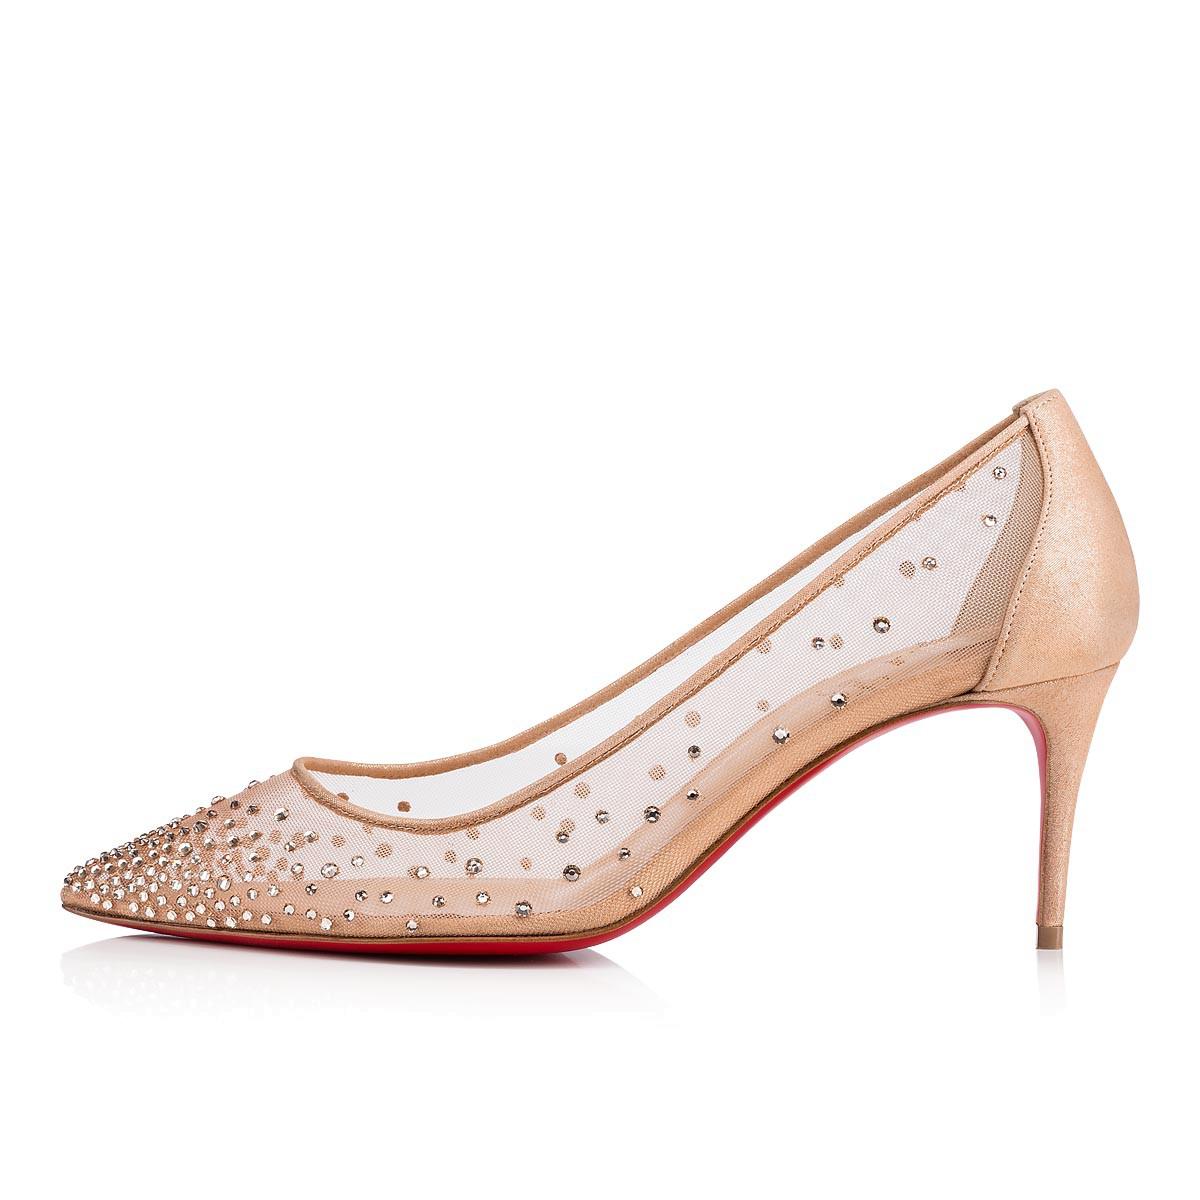 5b23390b10e Follies Strass 70 Version Light Silk Strass - Women Shoes - Christian  Louboutin